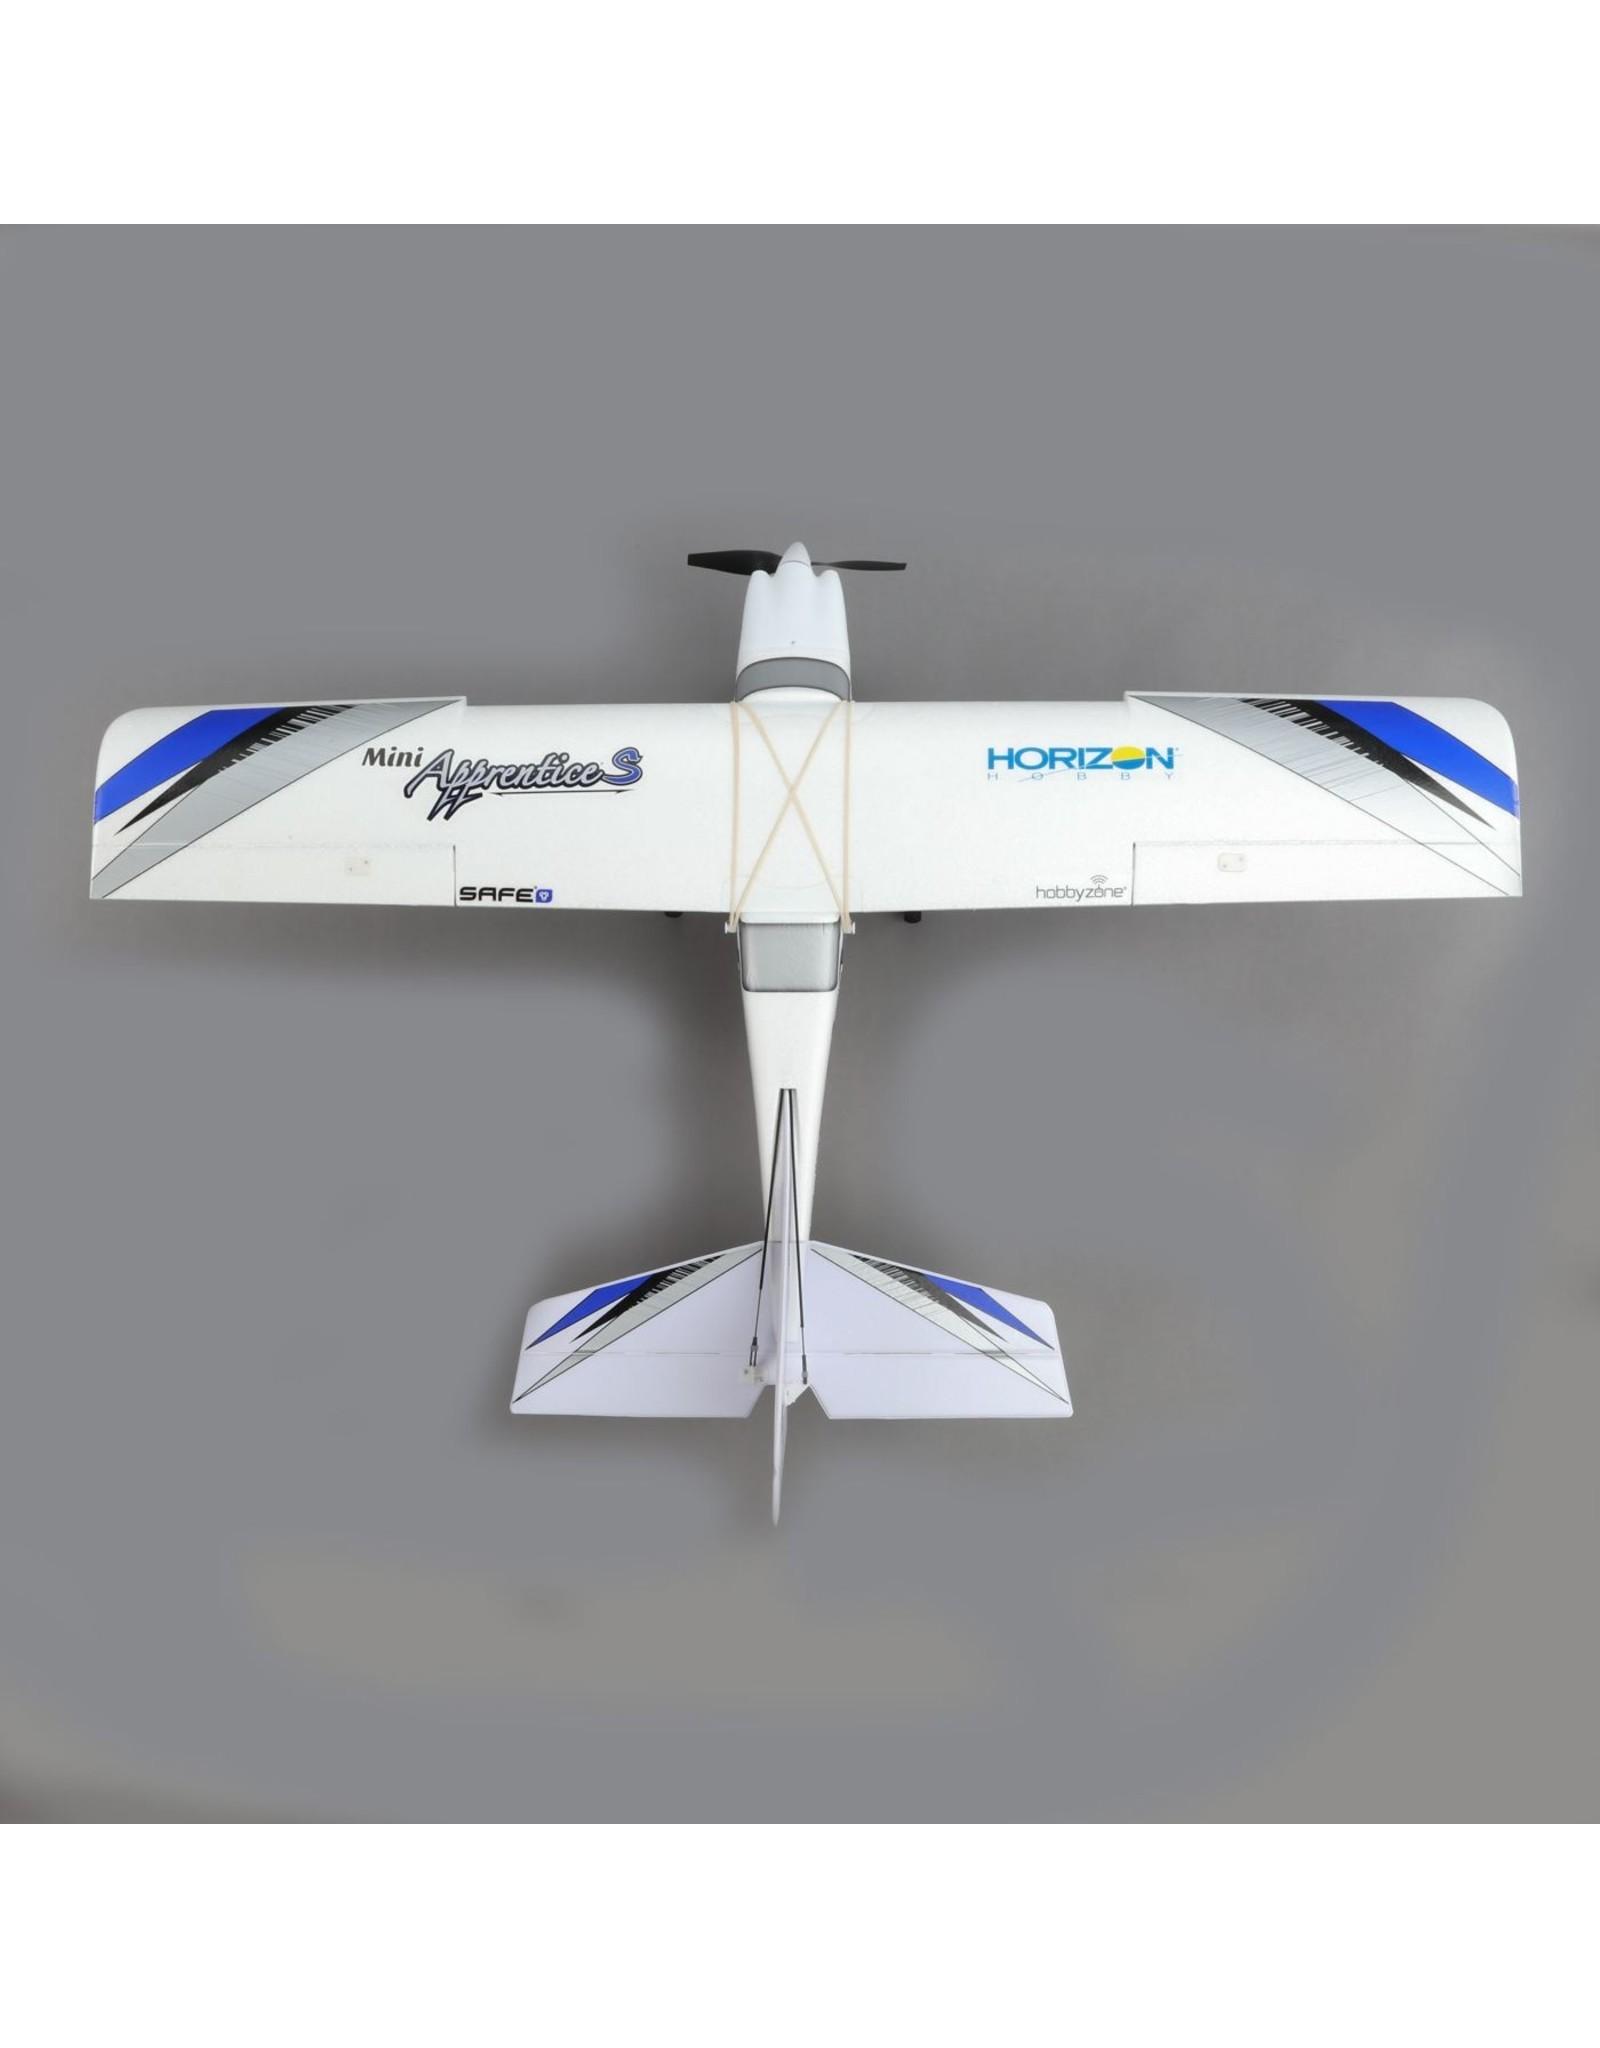 HobbyZone 3100 - Mini Apprentice S 1.2m RTF with SAFE